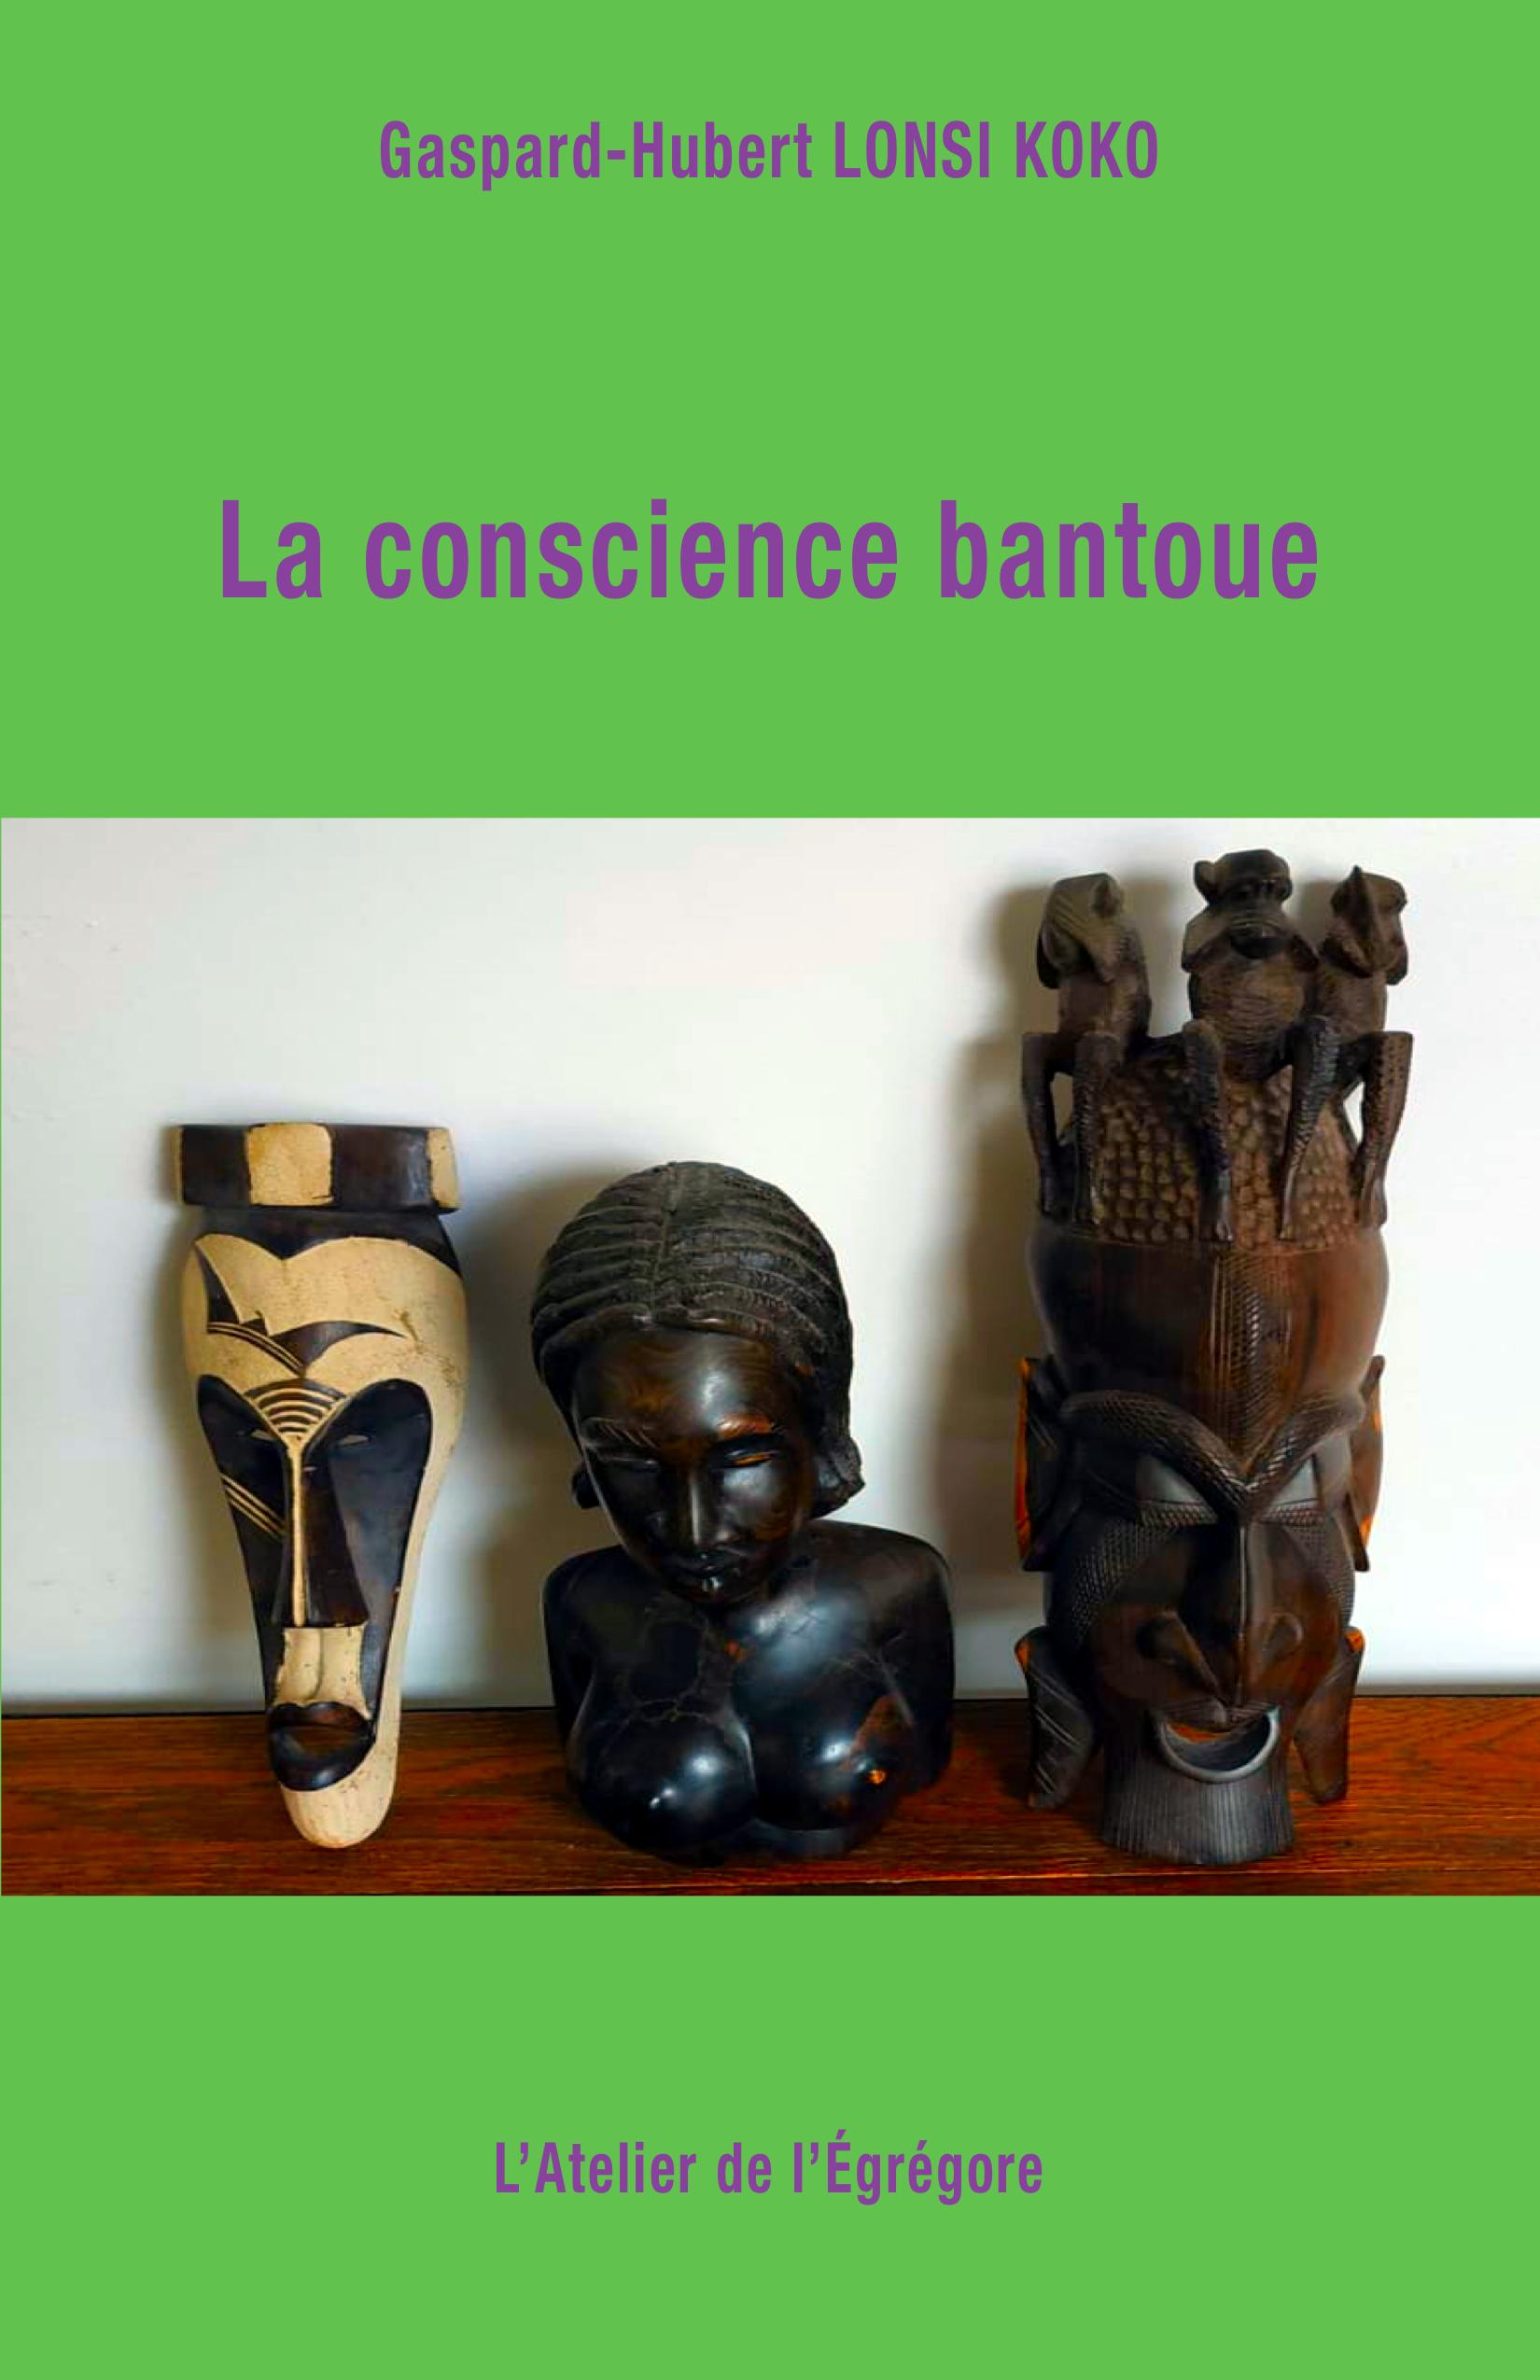 La conscience bantoue